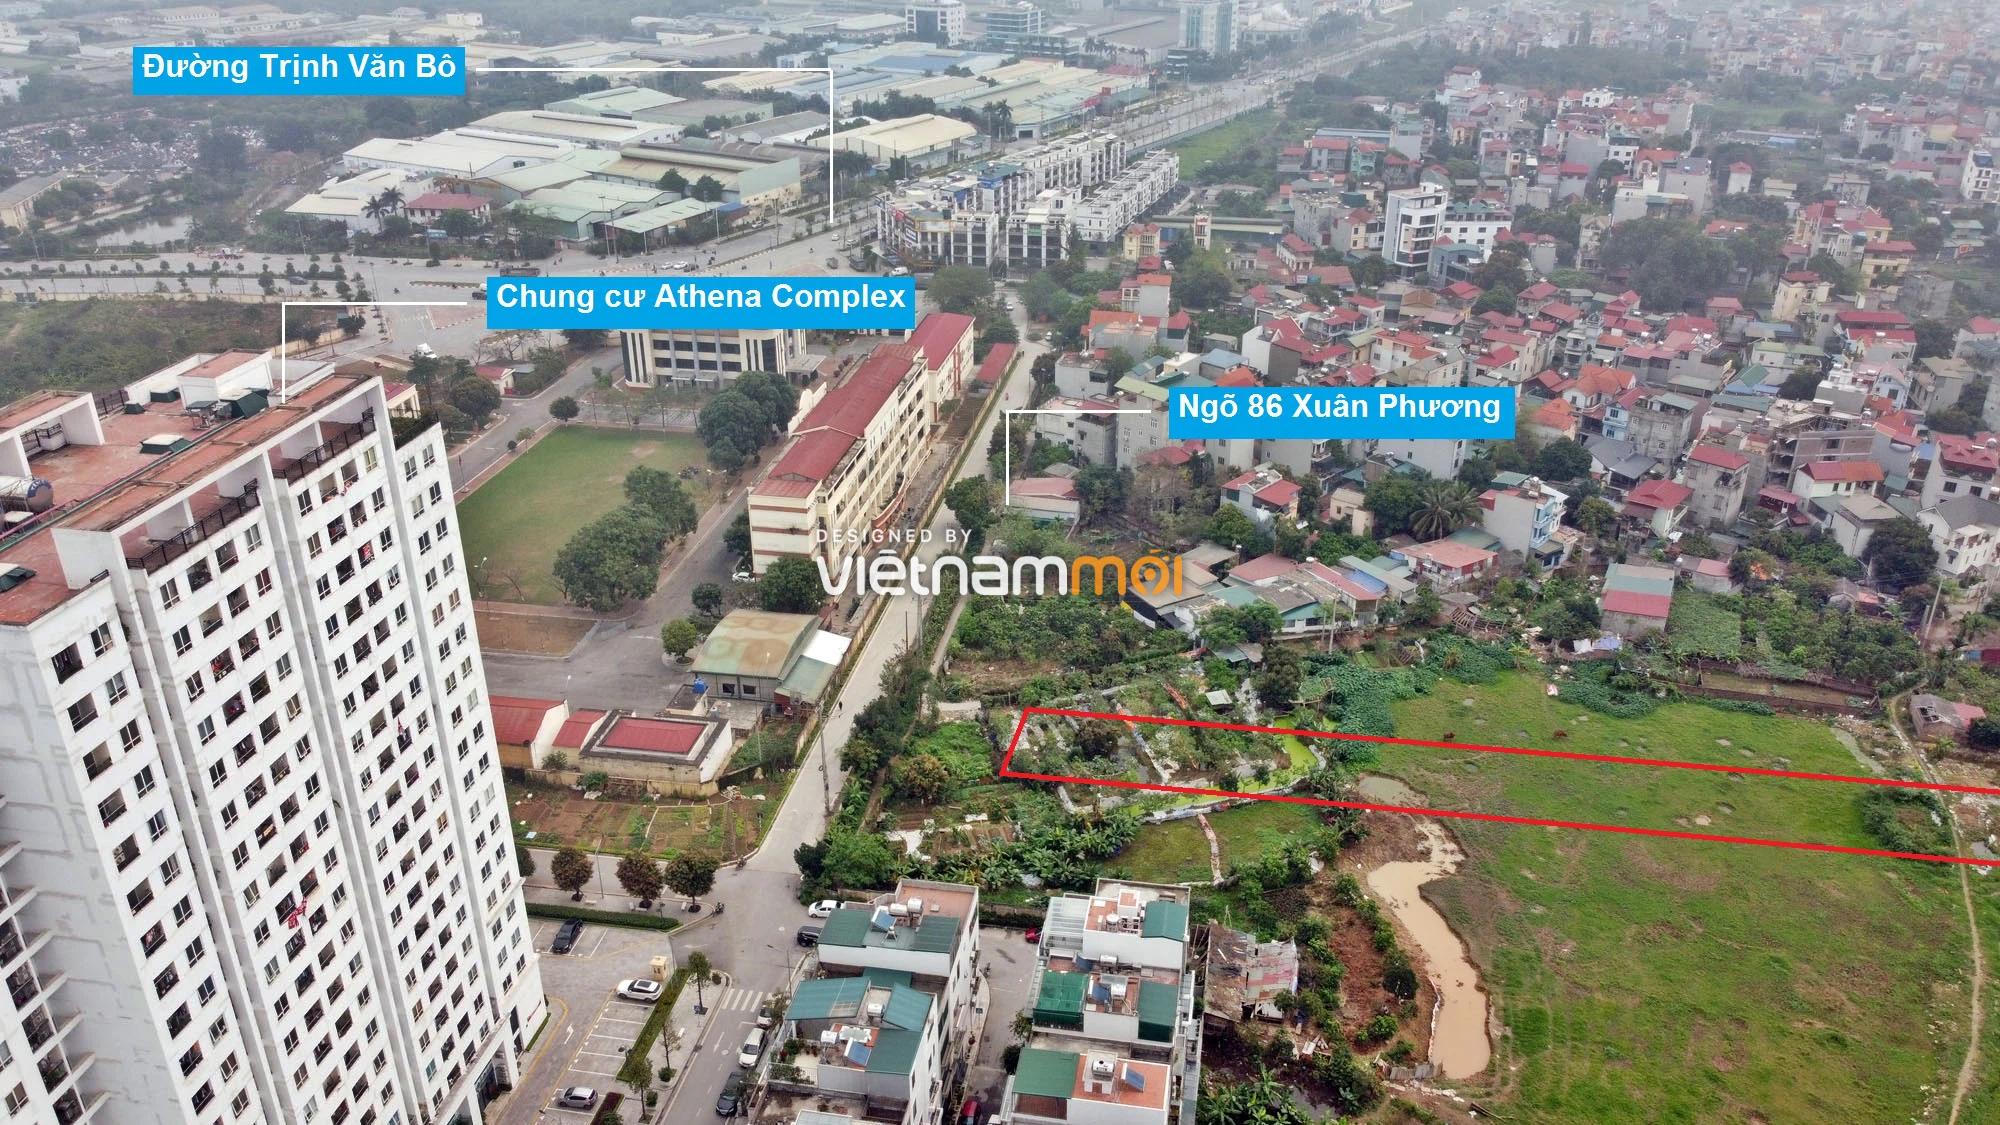 Những khu đất sắp thu hồi để mở đường ở phường Phương Canh, Nam Từ Liêm, Hà Nội (phần 2) - Ảnh 4.